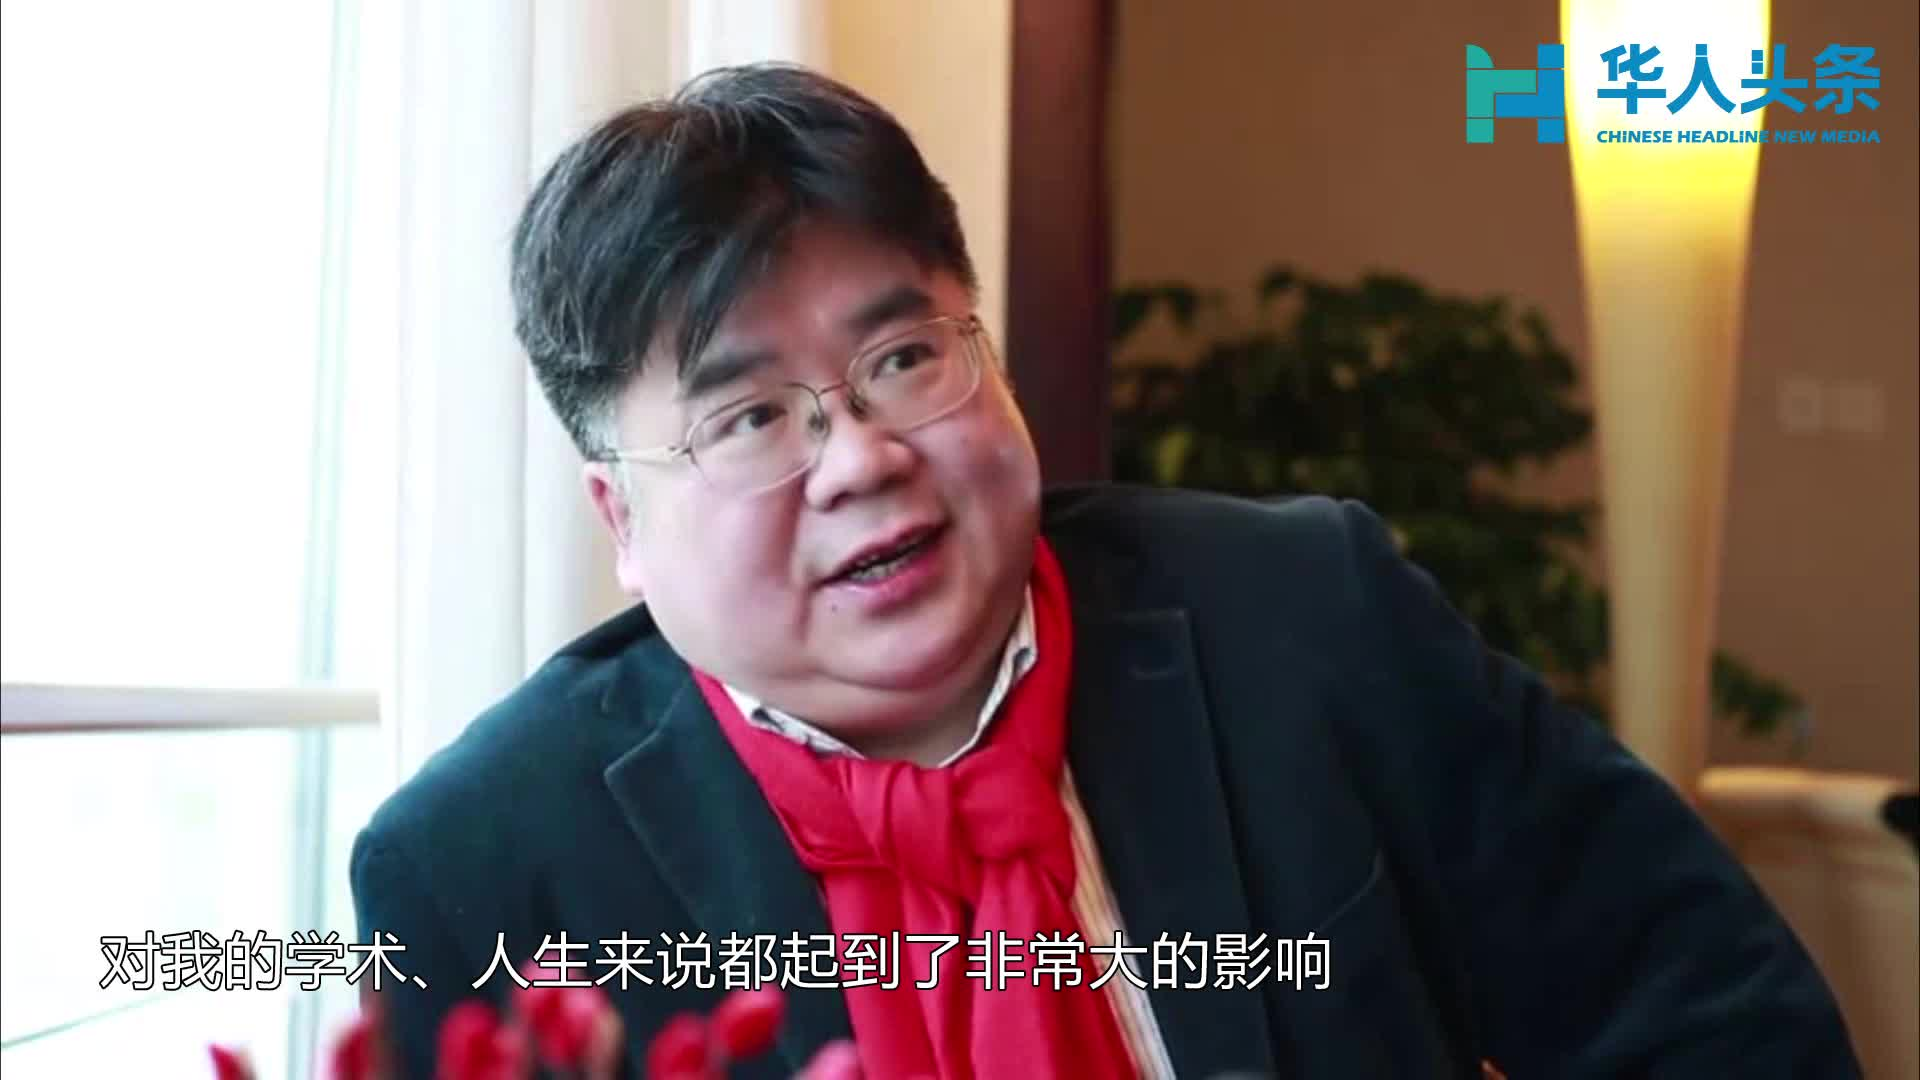 徐德清博士:创业是件艰苦而又快乐的事